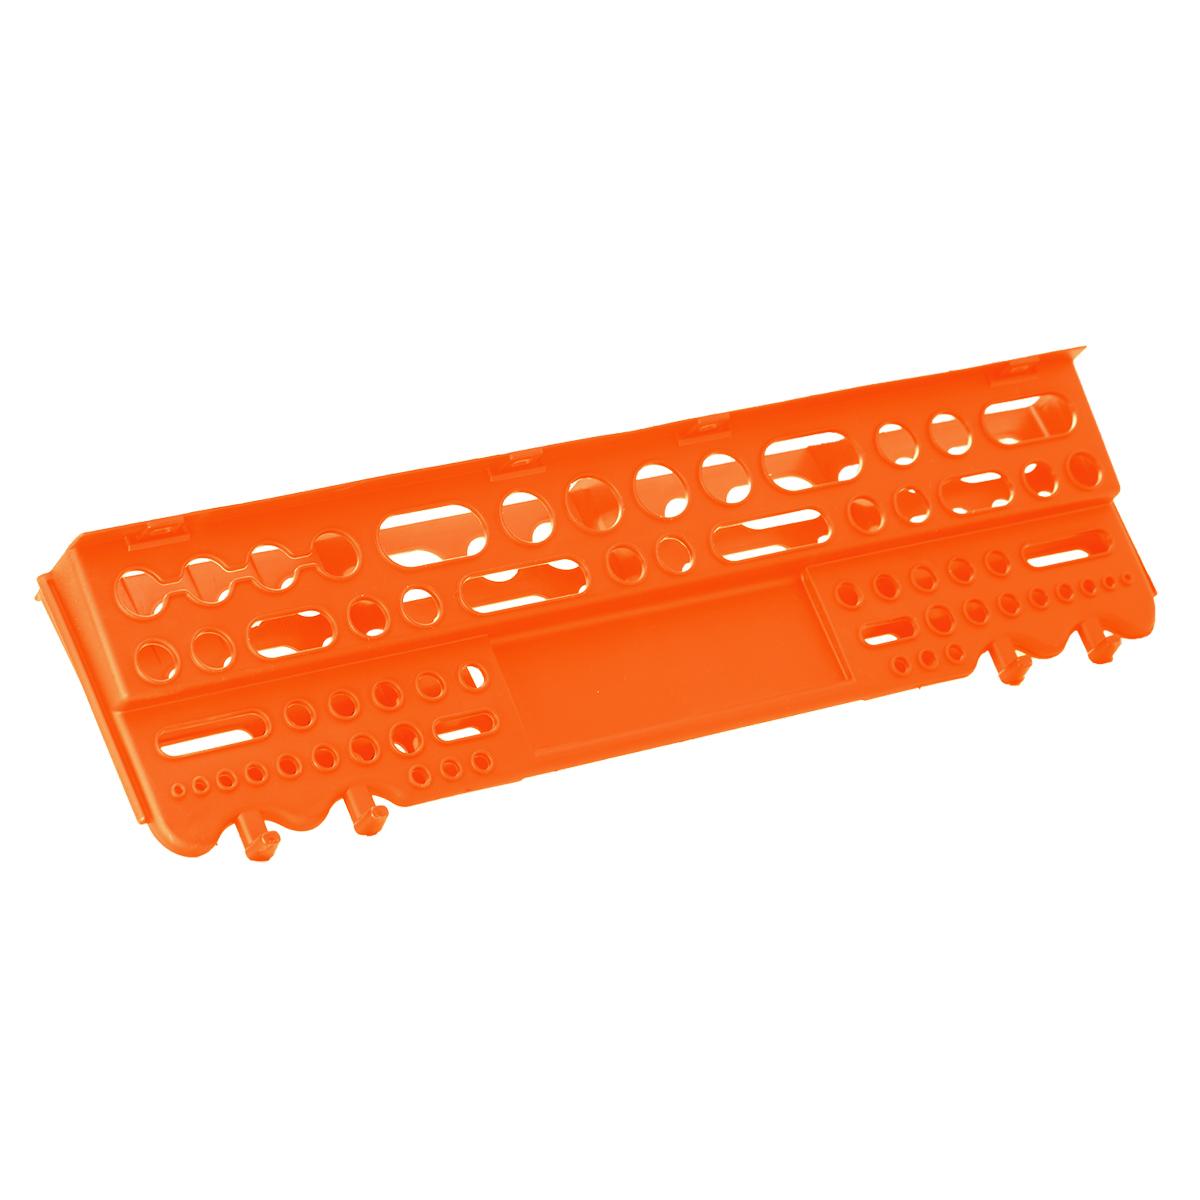 Полка для инструмента Blocker Reef, цвет: оранжевый, 625 х 168 х 74 ммCM000001326Полка для инструмента Blocker Reef выполнена из полипропилена. Прочная конструкция полки позволяет аккуратно разместить весь инструмент рядом с рабочим местом в гараже, мастерской или дома. Надежное крепление на стену выдерживает полную загрузку всех ячеек полки.